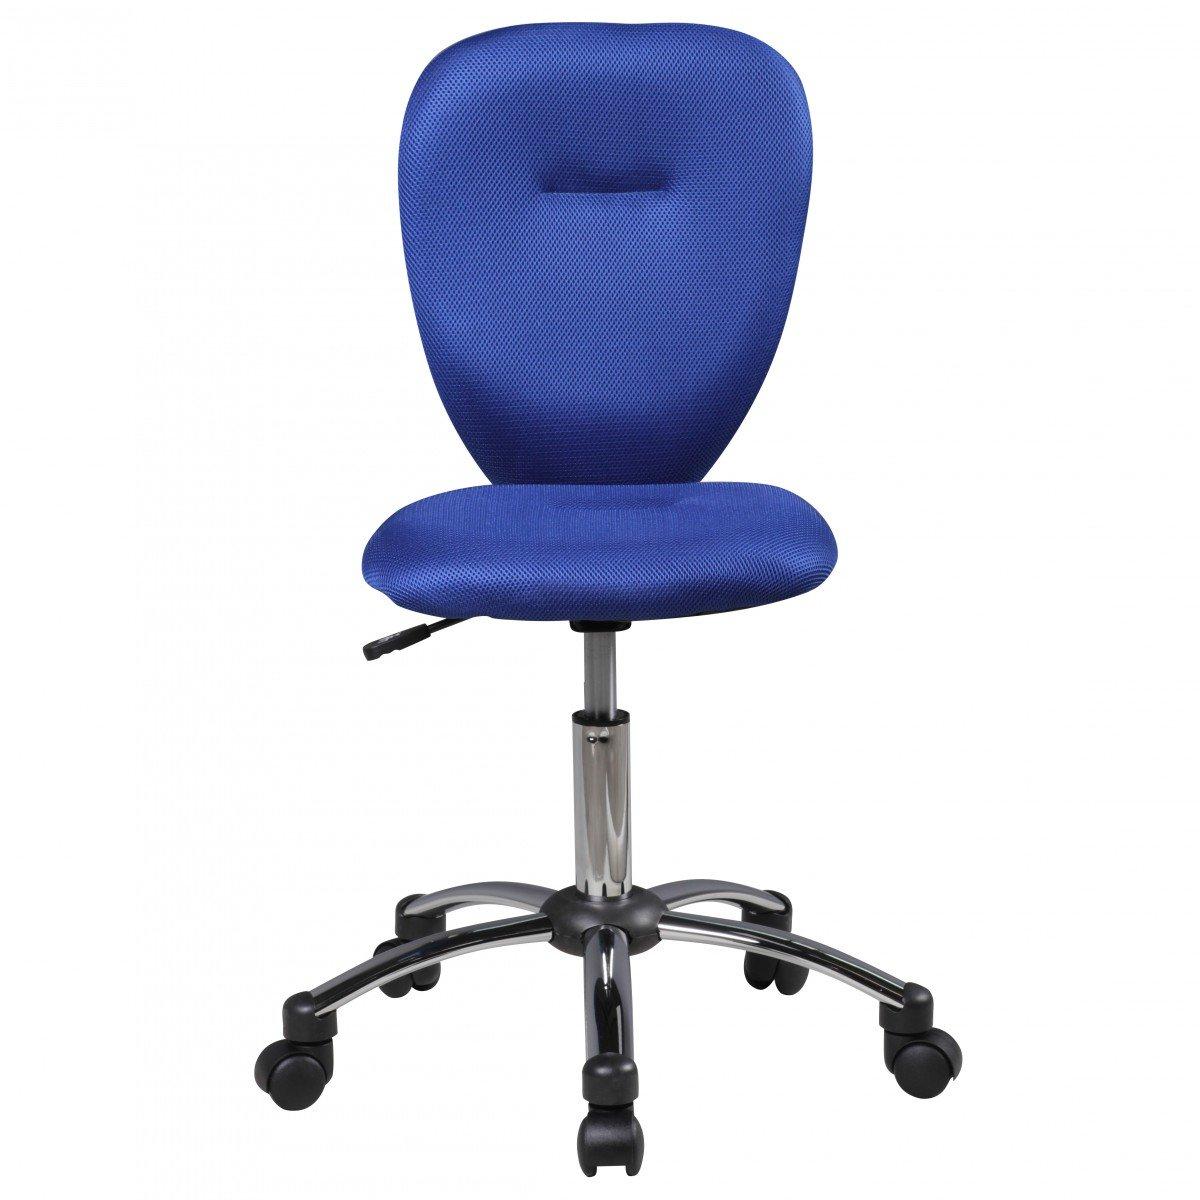 Amstylle Kinderschreibtischstuhl in blau mit Weichbodenrollen und Lehne - Sitzhöhe 46 bis 58 cm